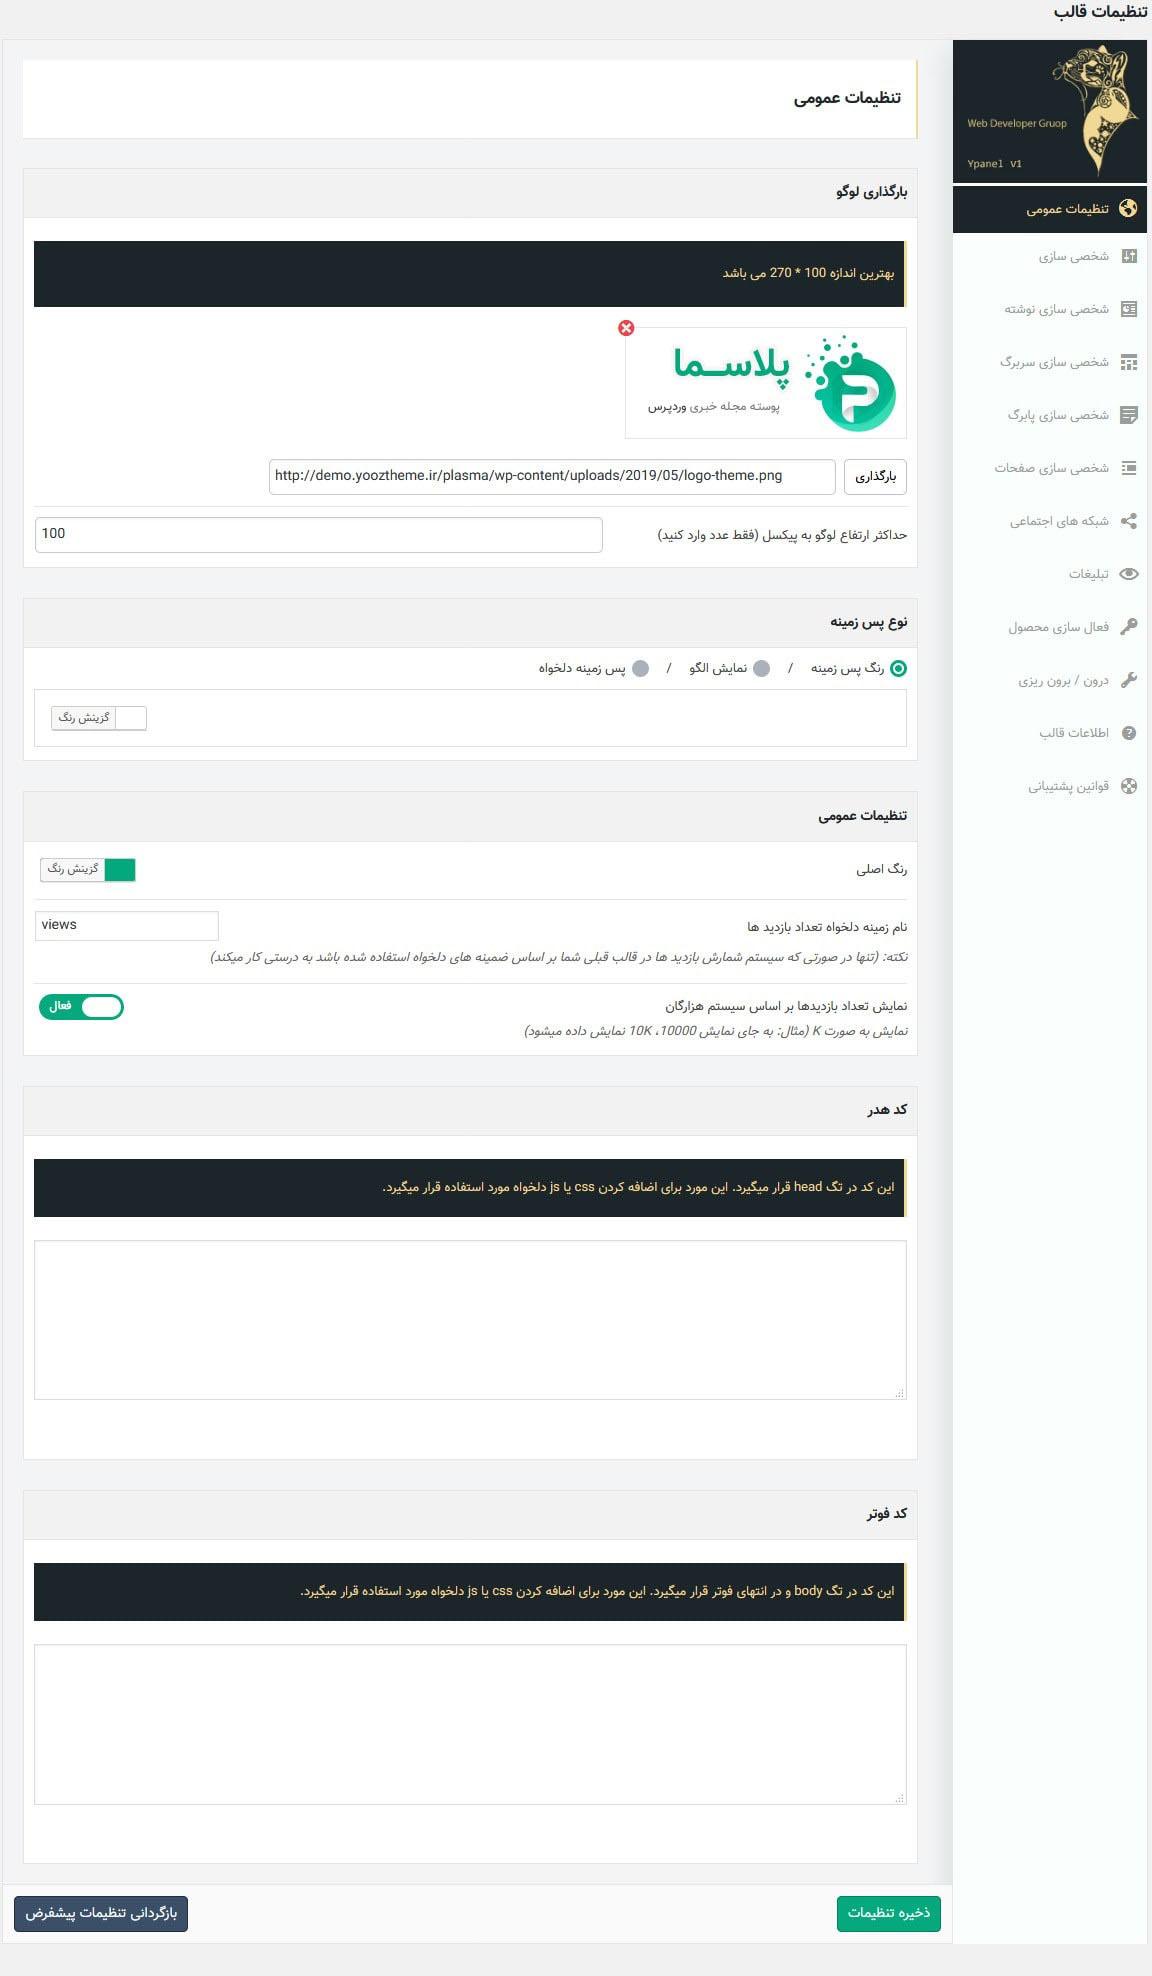 قرار دادن کد در هدر وفوتر قالب قالب ایرانی خبری پلاسما